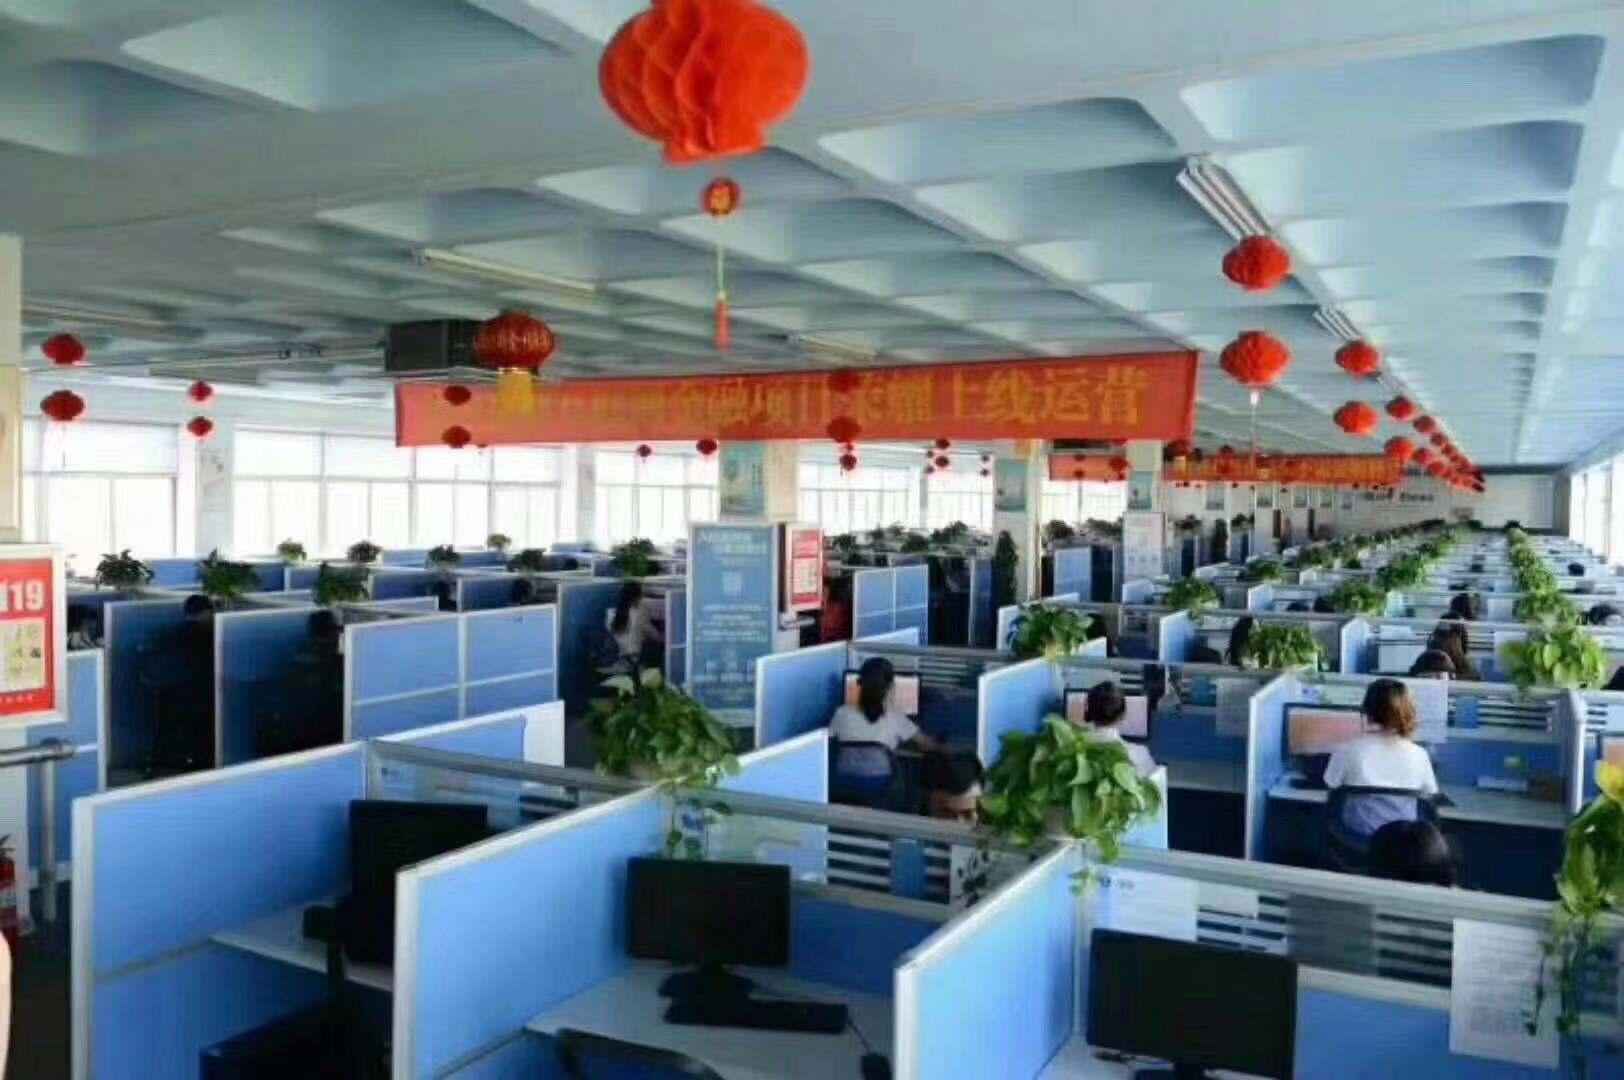 烟台市来润通信服务有限公司专业承接电话呼叫CATI业务